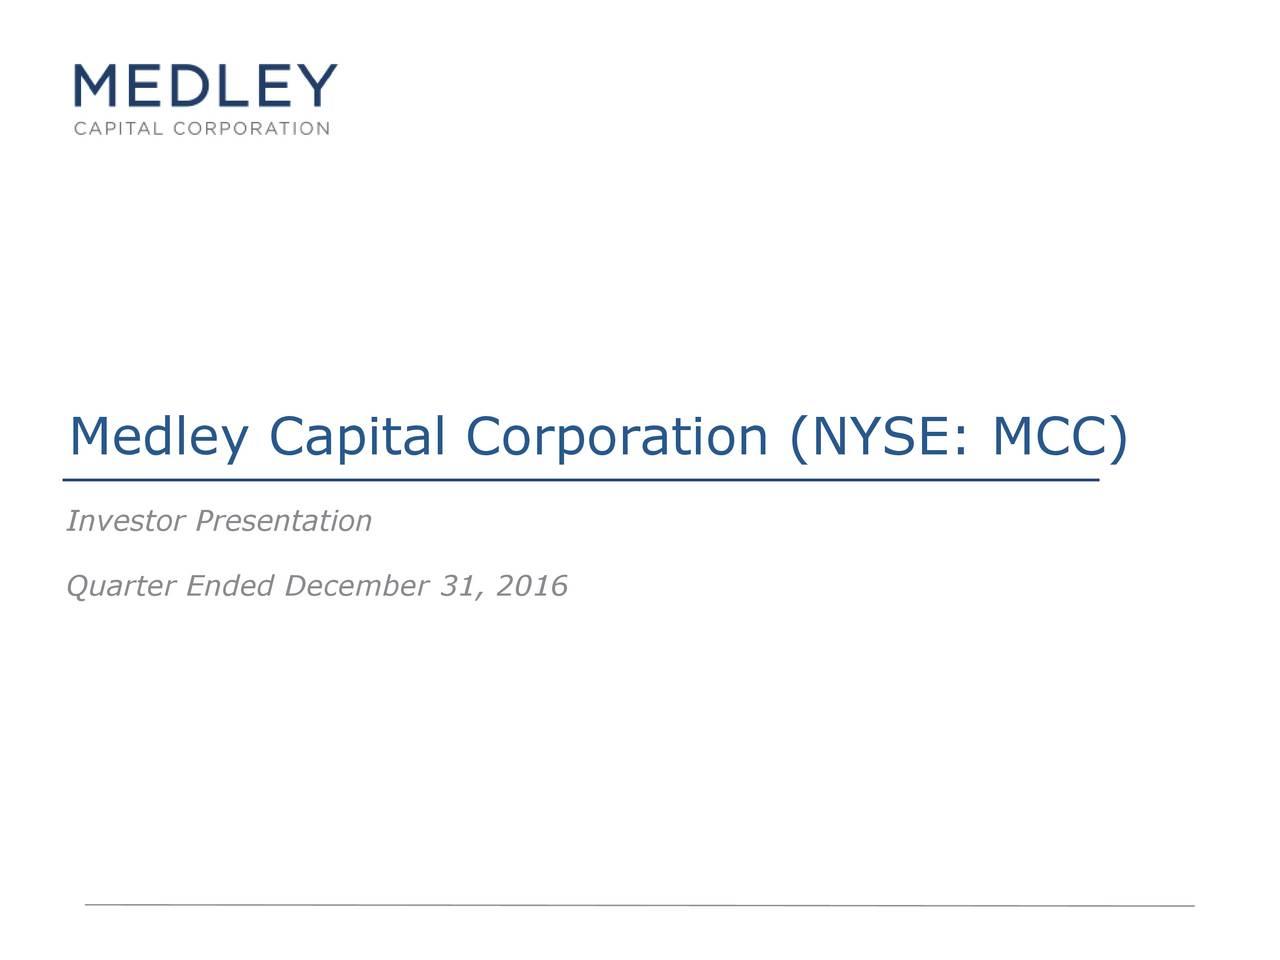 Investor Presentation Quarter Ended December 31, 2016